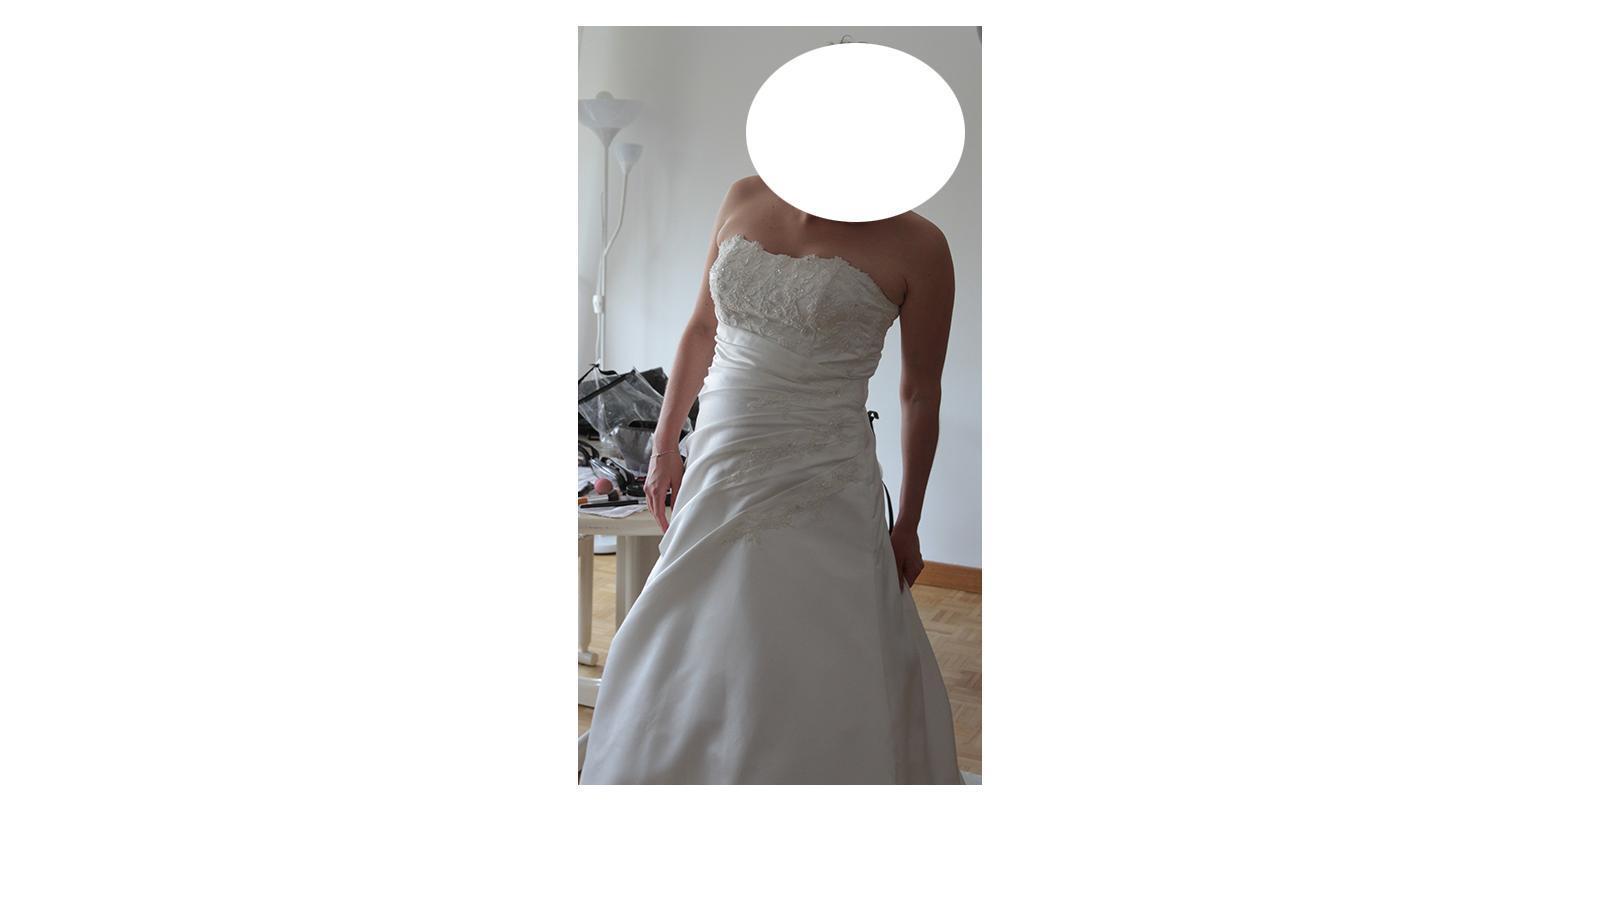 troc de troc robe mariage taille 42 ivoire image 2